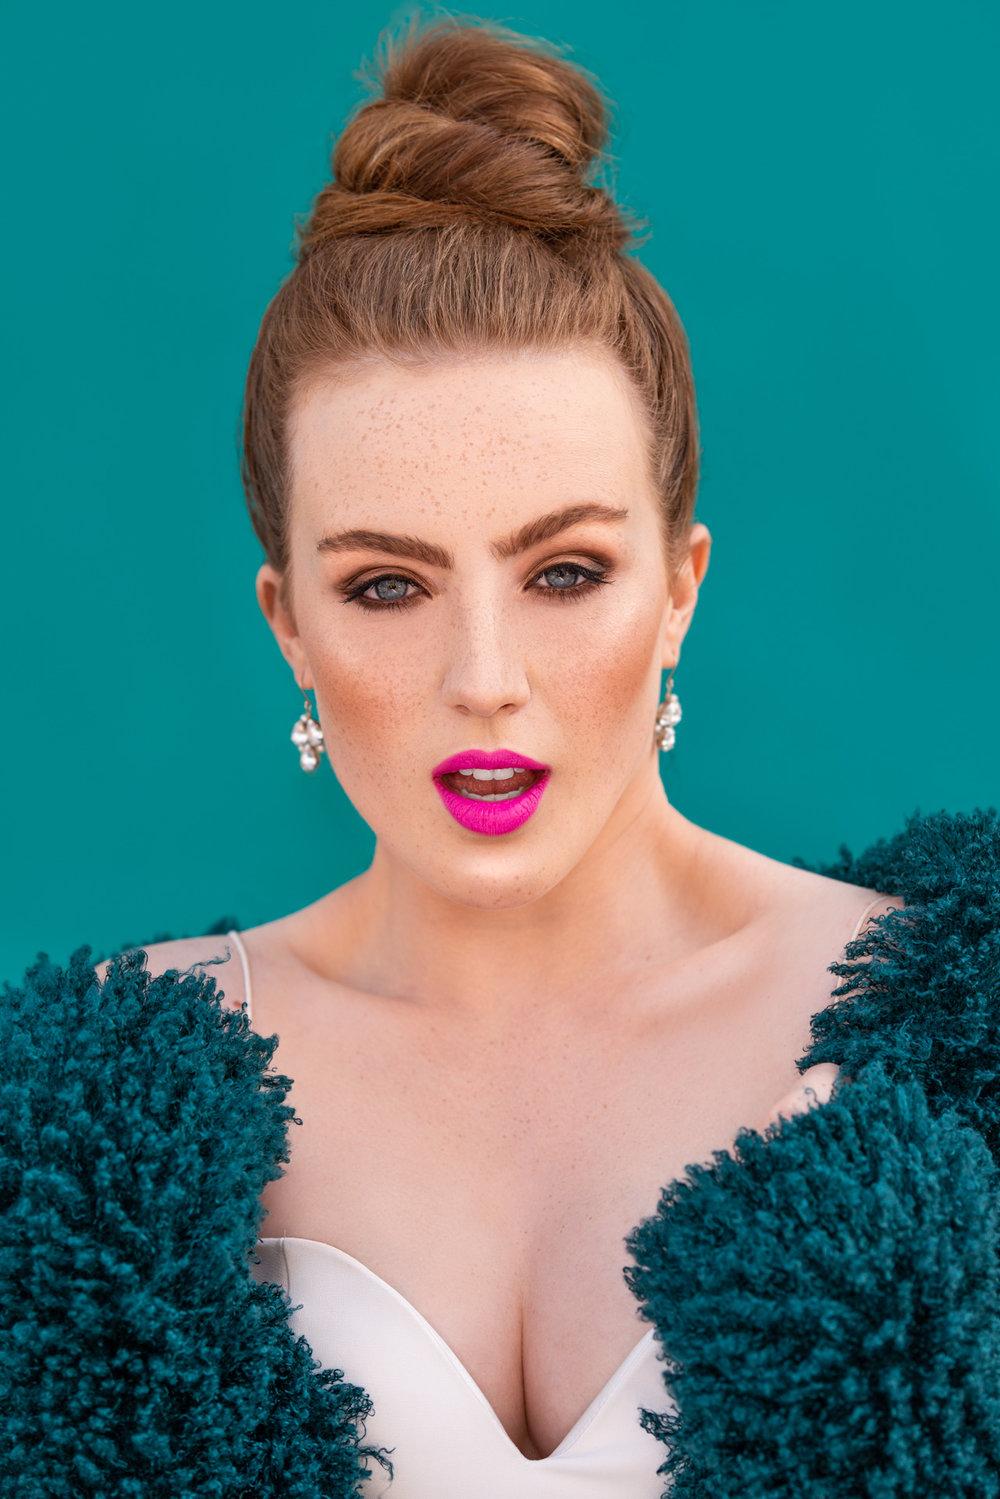 Stephanie de Jager Portraits Bloss-1.jpg